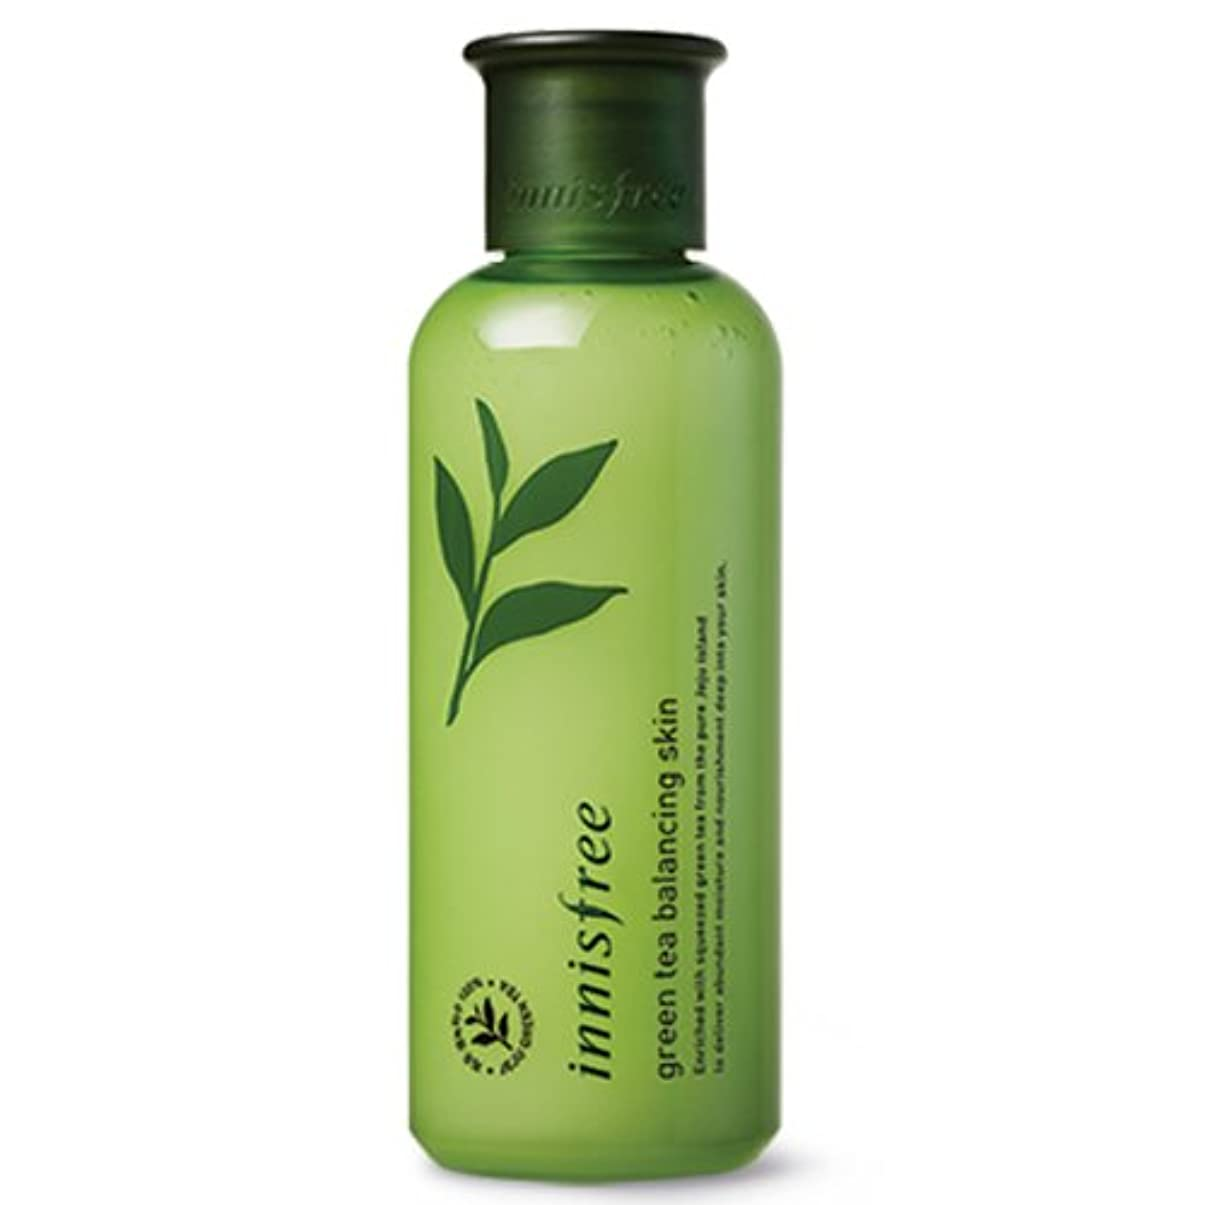 創始者古くなった請求[INNISFREE]イニスフリーグリーンティーバランシング スキン200ml green tea balancing skin 200ml